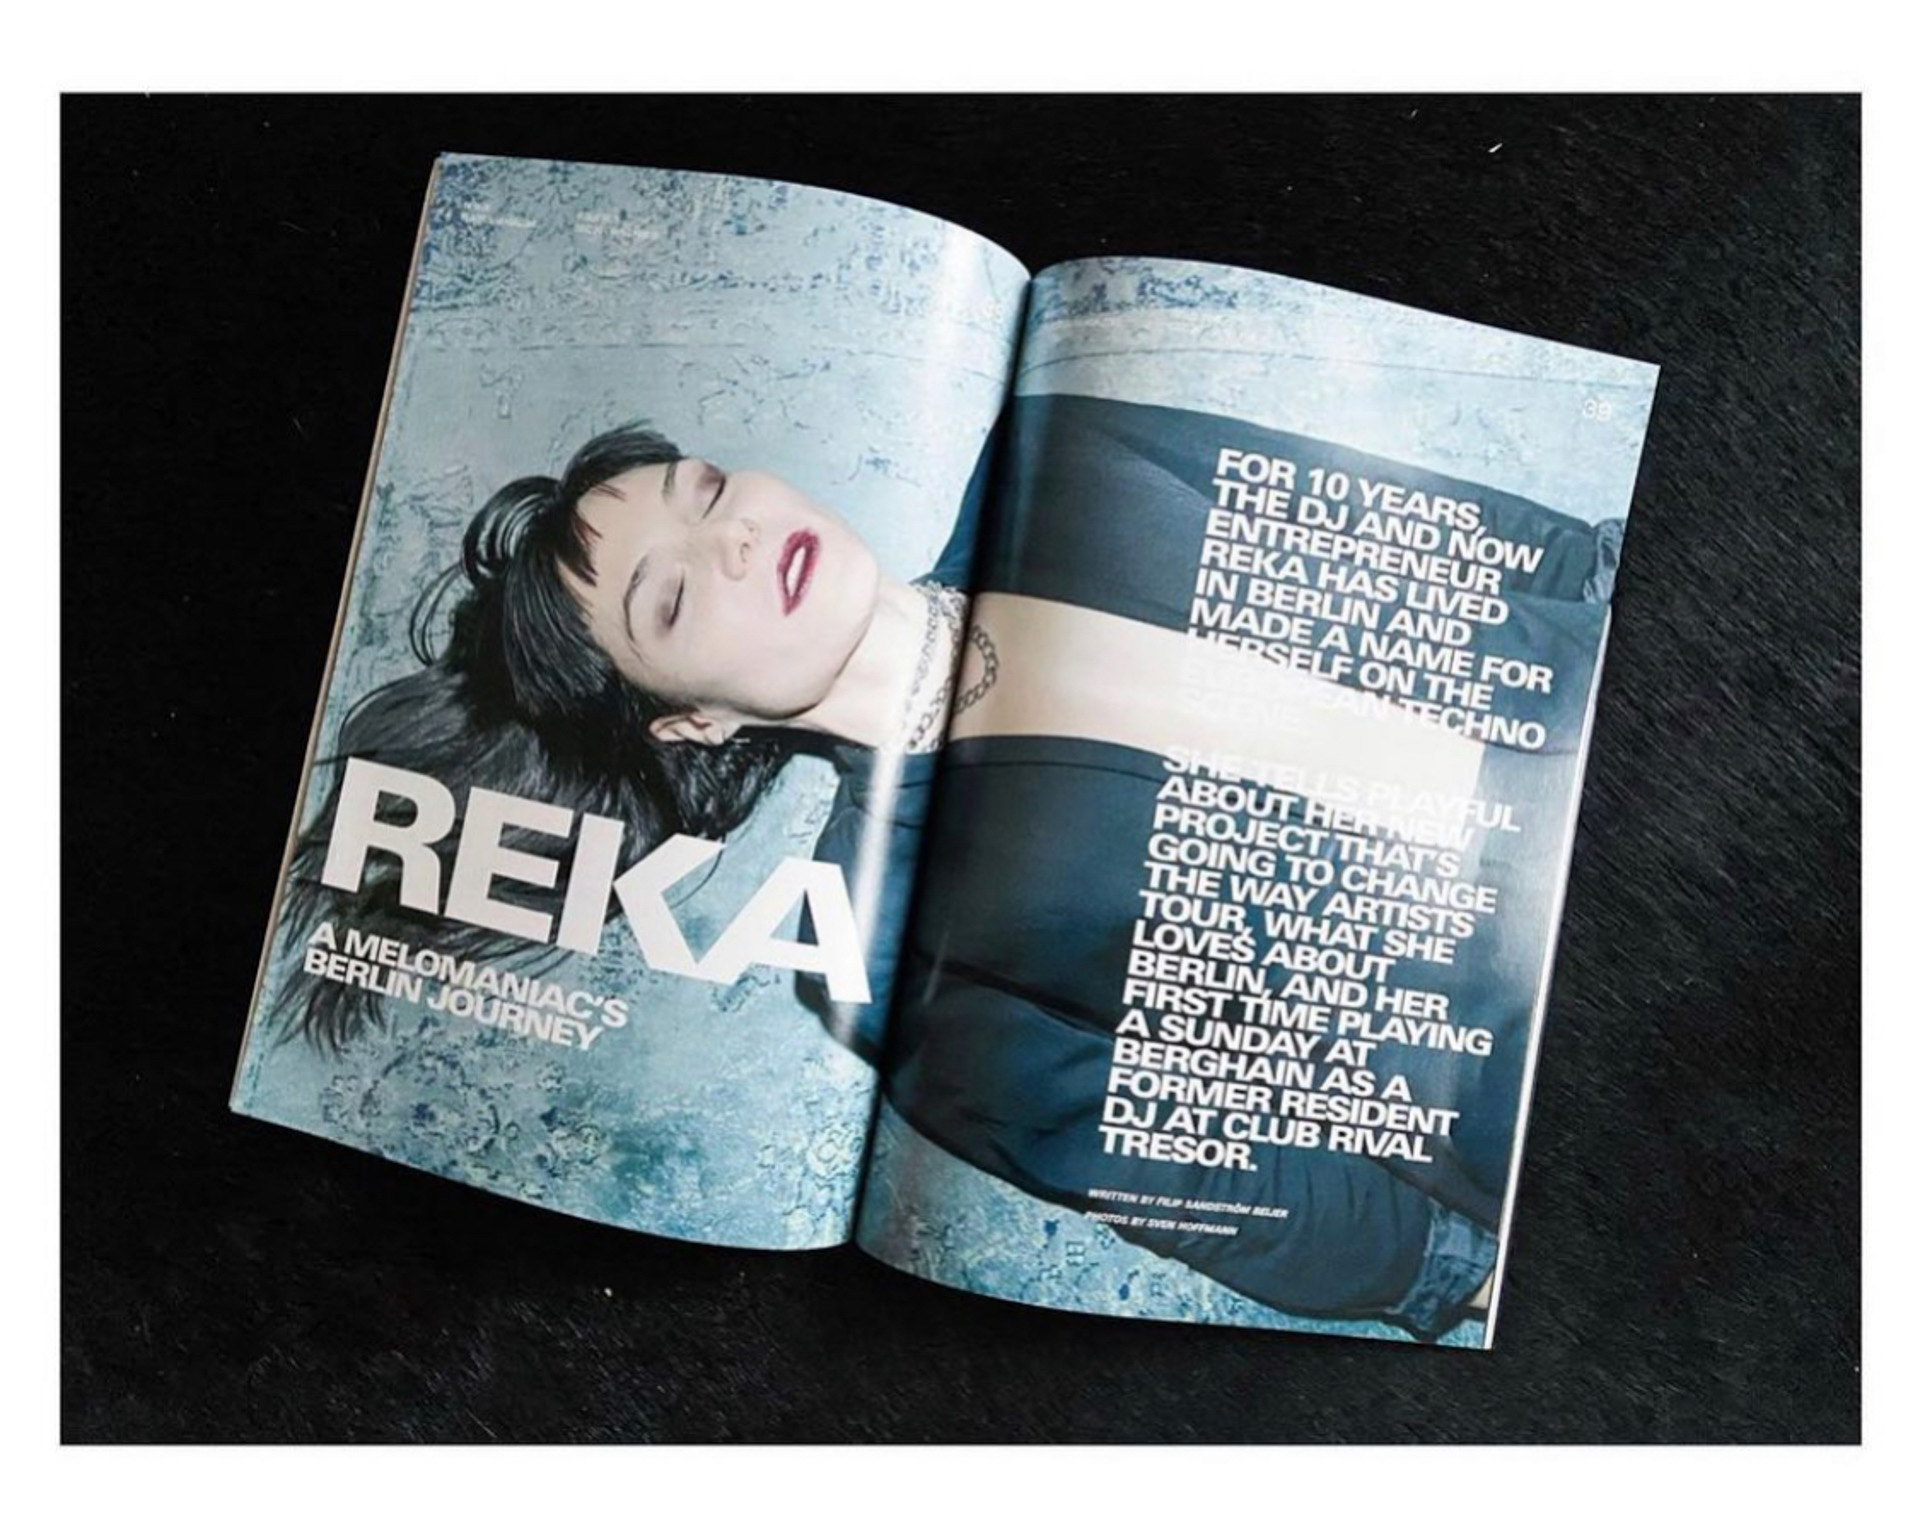 Reka-9